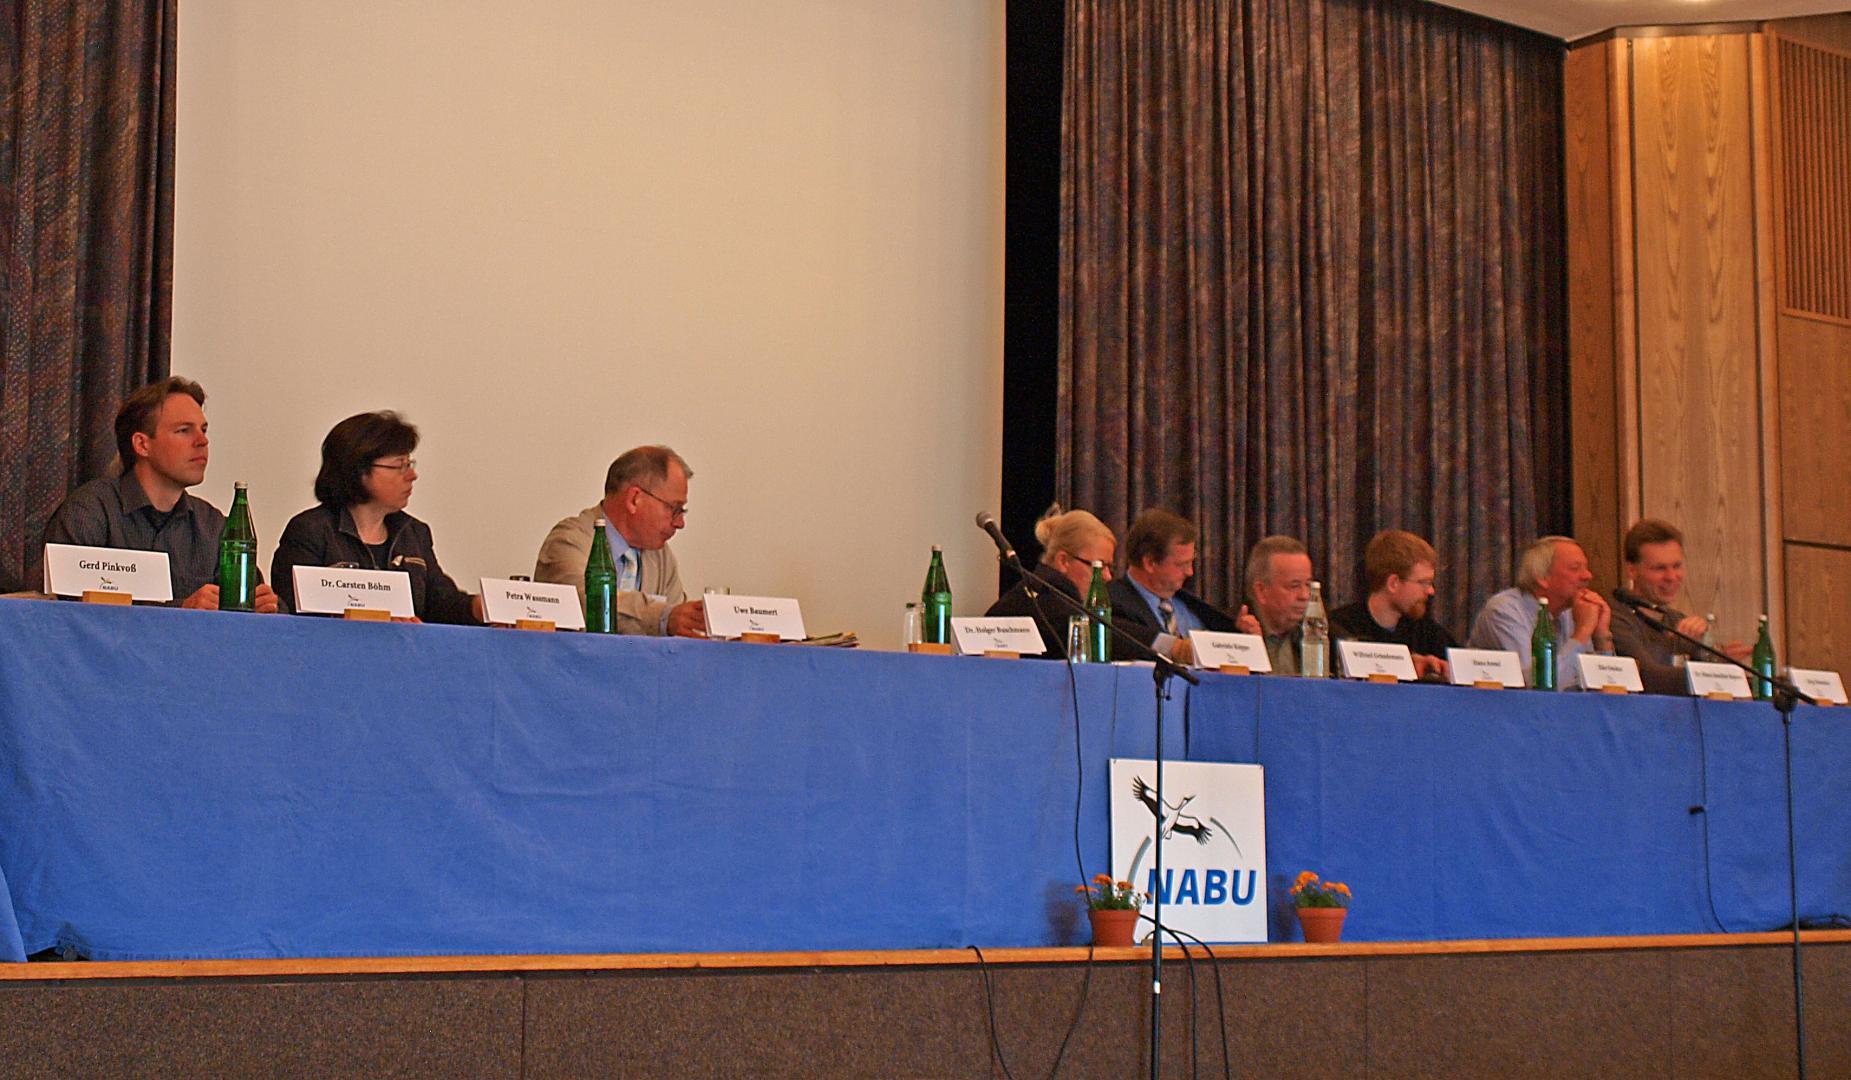 Vorstand des Landesverbandes im Jahr 2010 in Rinteln. - Foto: Kathy Büscher